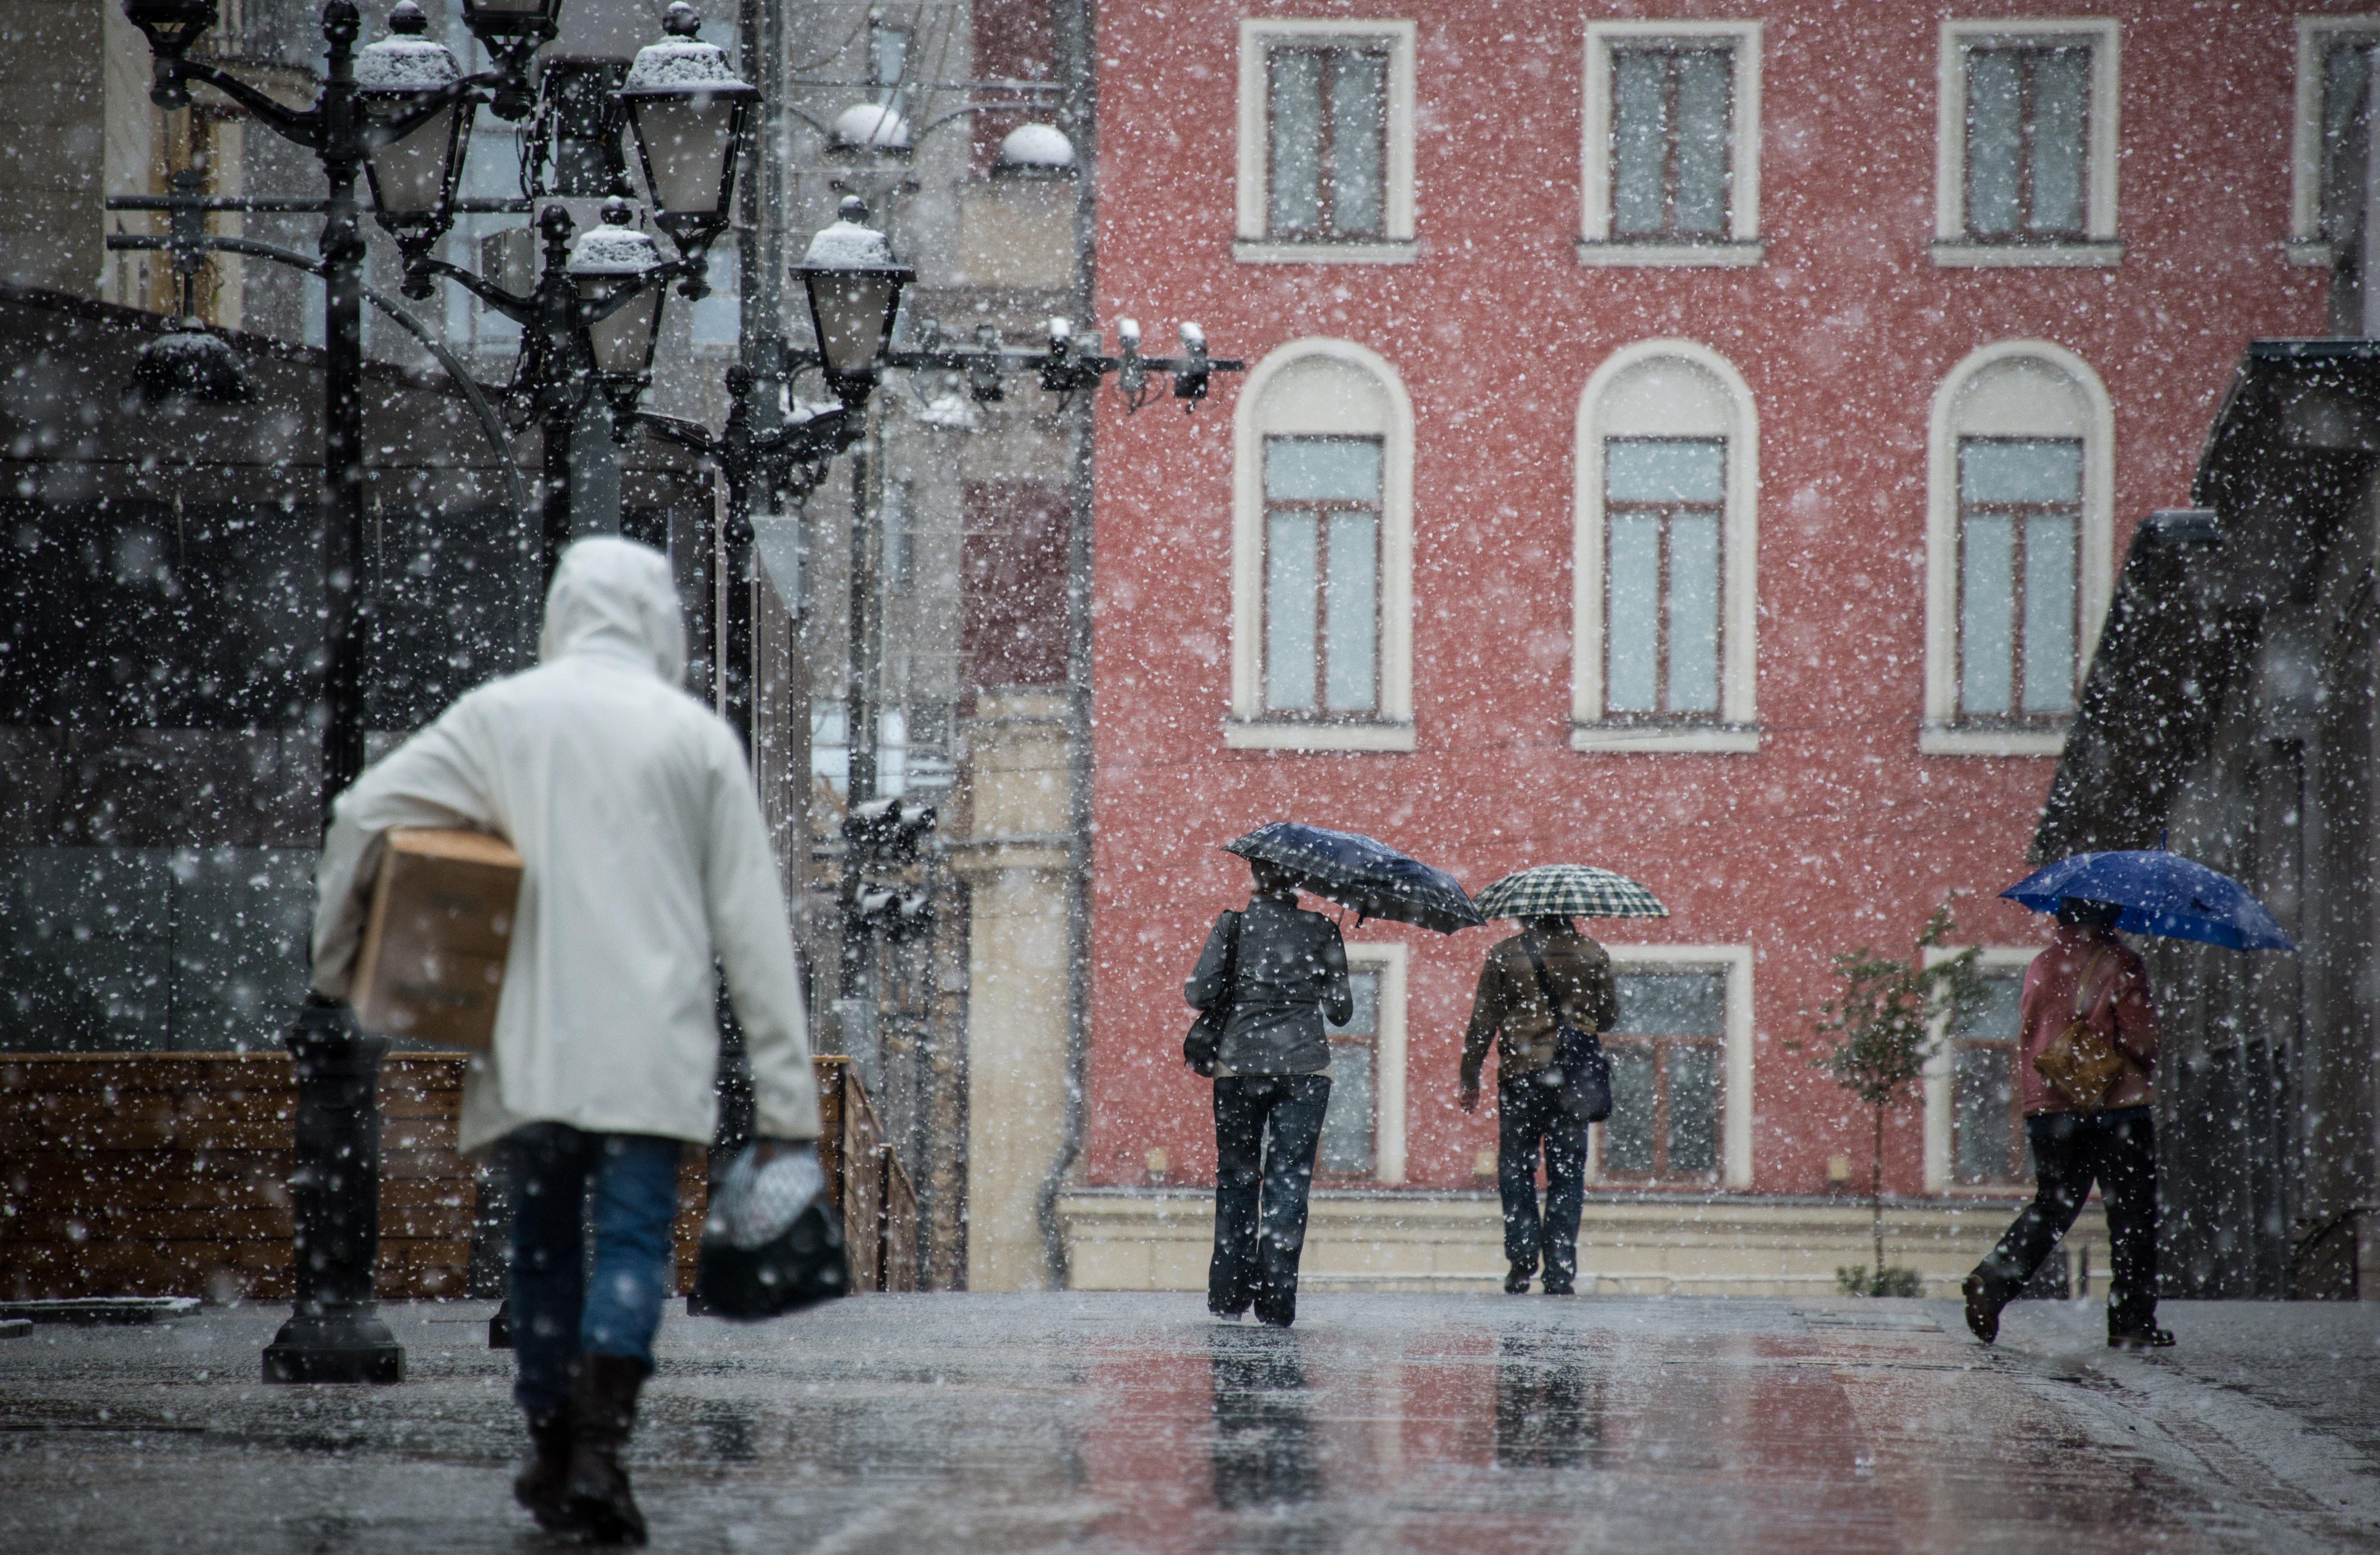 <p><span>Прохожие во время майского снегопада на Ленинском проспекте в Москве.&nbsp;</span>Фото: &copy; РИА Новости/Максим Блинов</p>